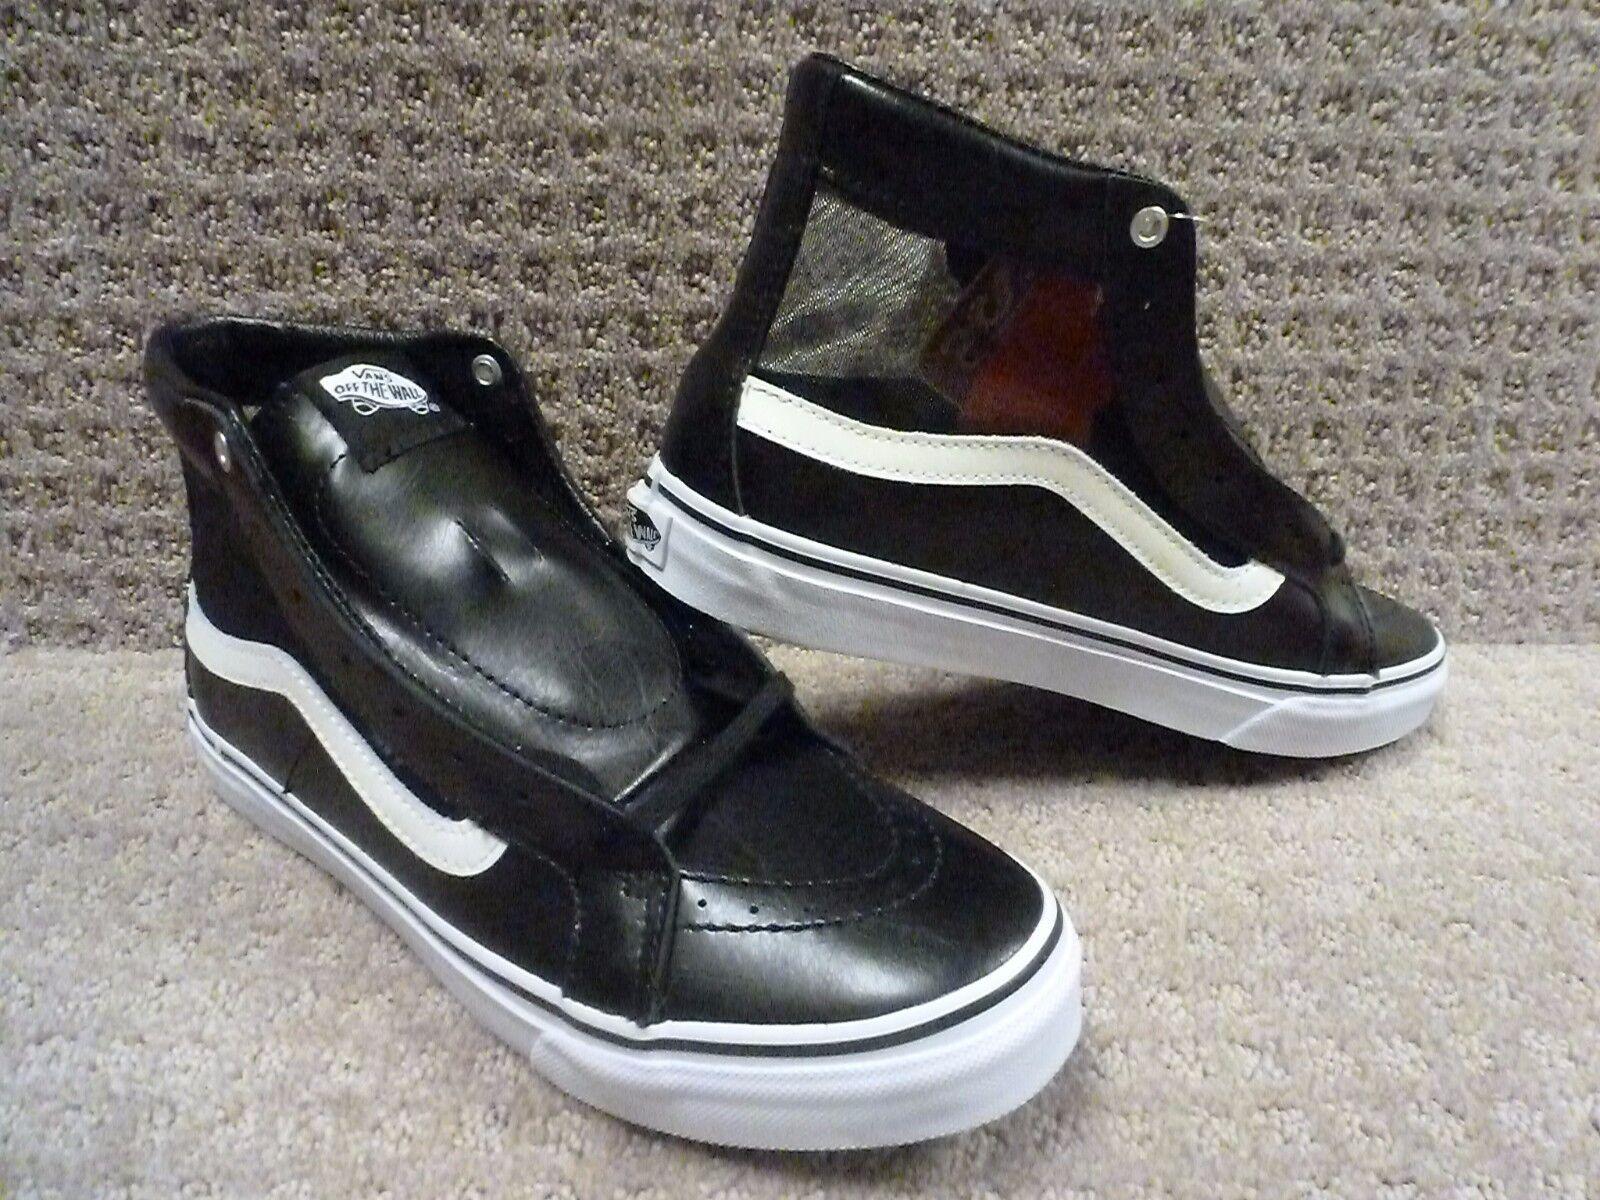 Vans Men's shoes  Sk8-Hi Slim Cutout  (Mesh) Black White , Size 7.5